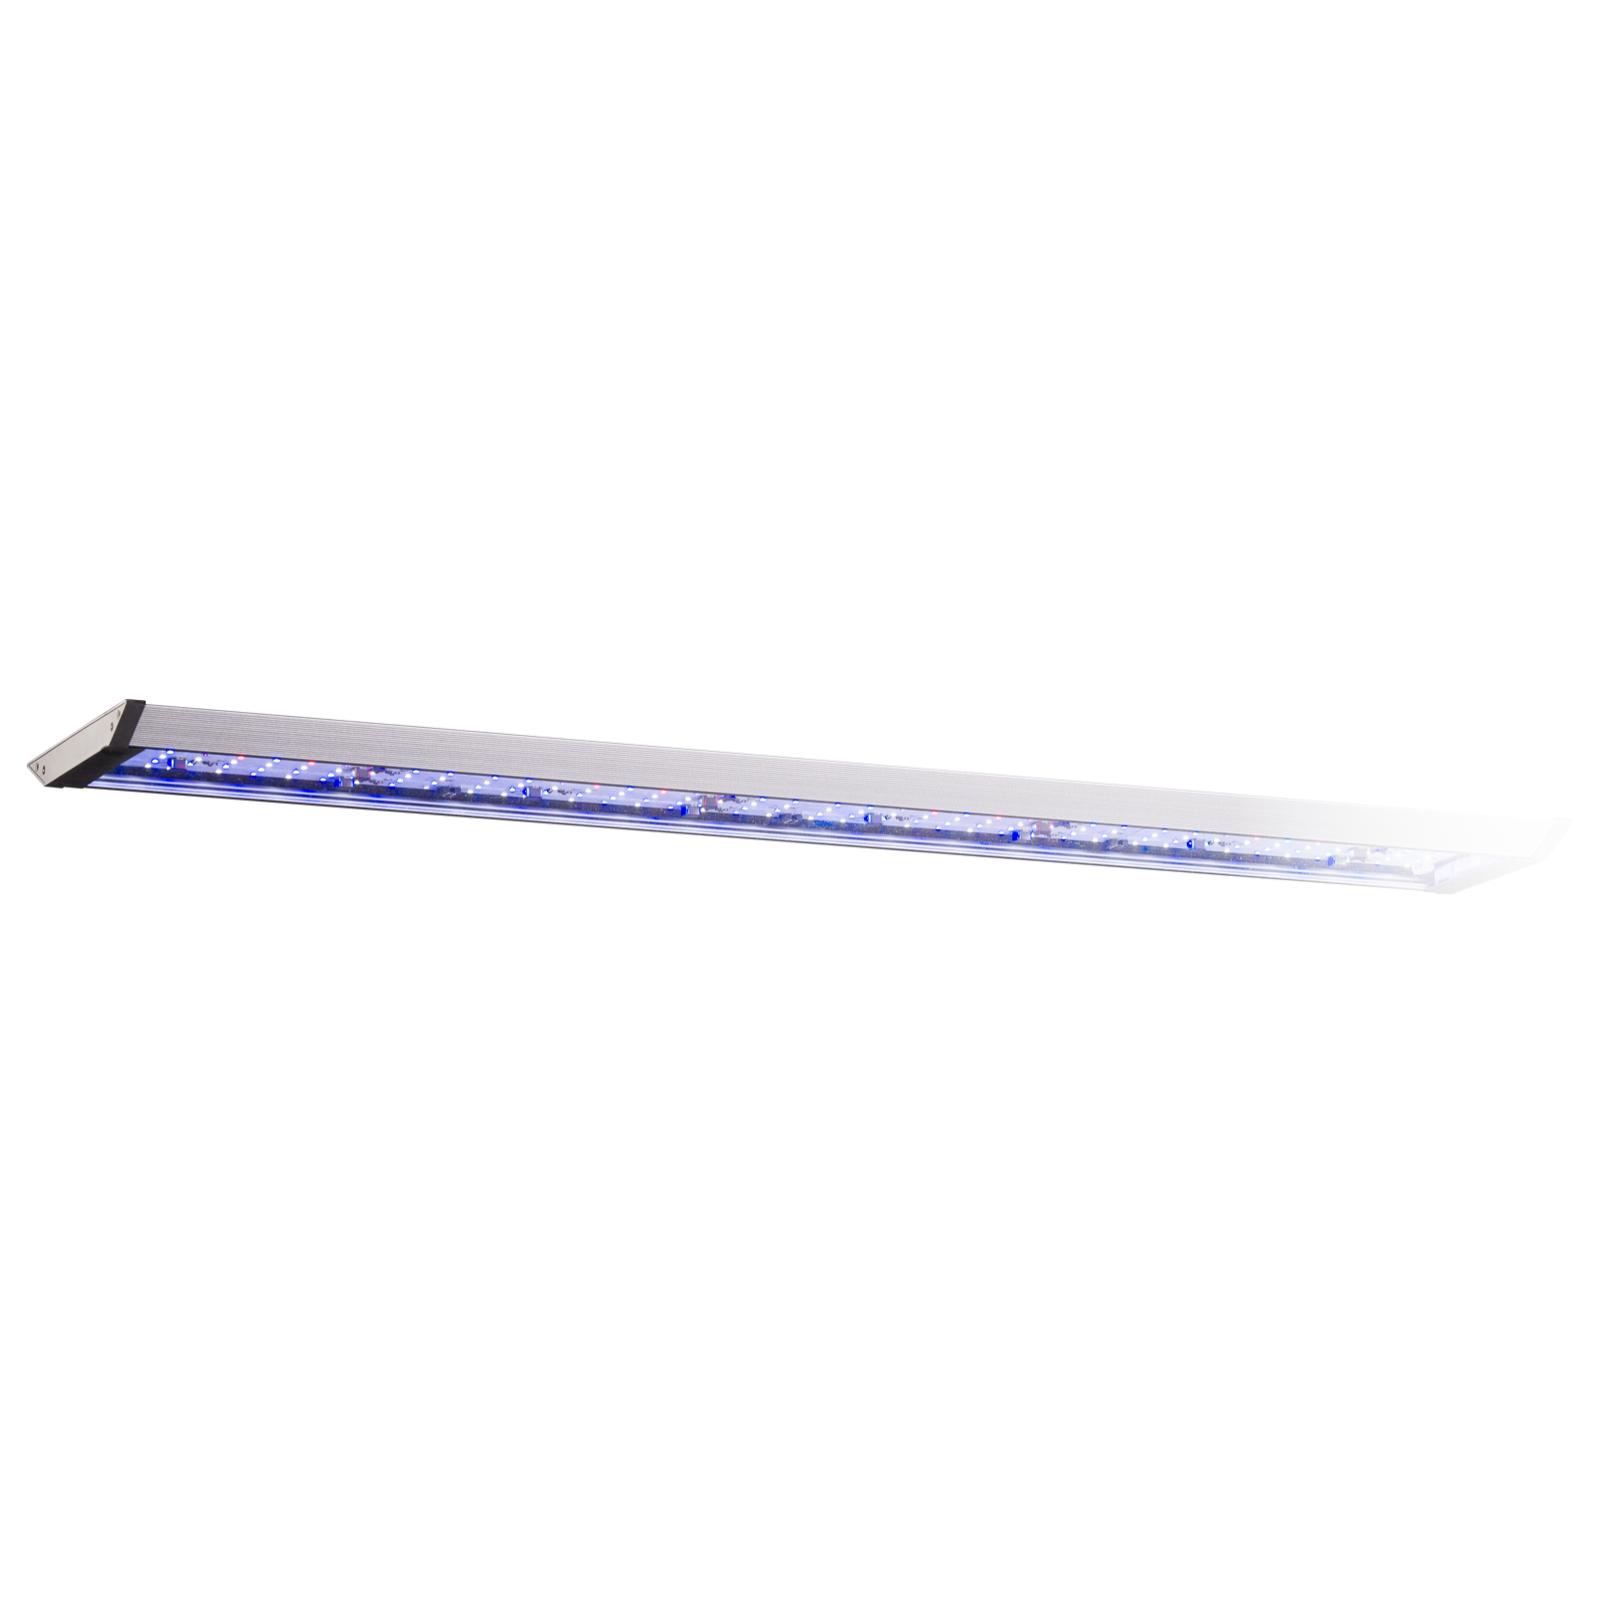 AQUA MEDIC Aquarius 120 rampe LEDs spéciale eau de mer pour aquarium de 115 à 135 cm de long